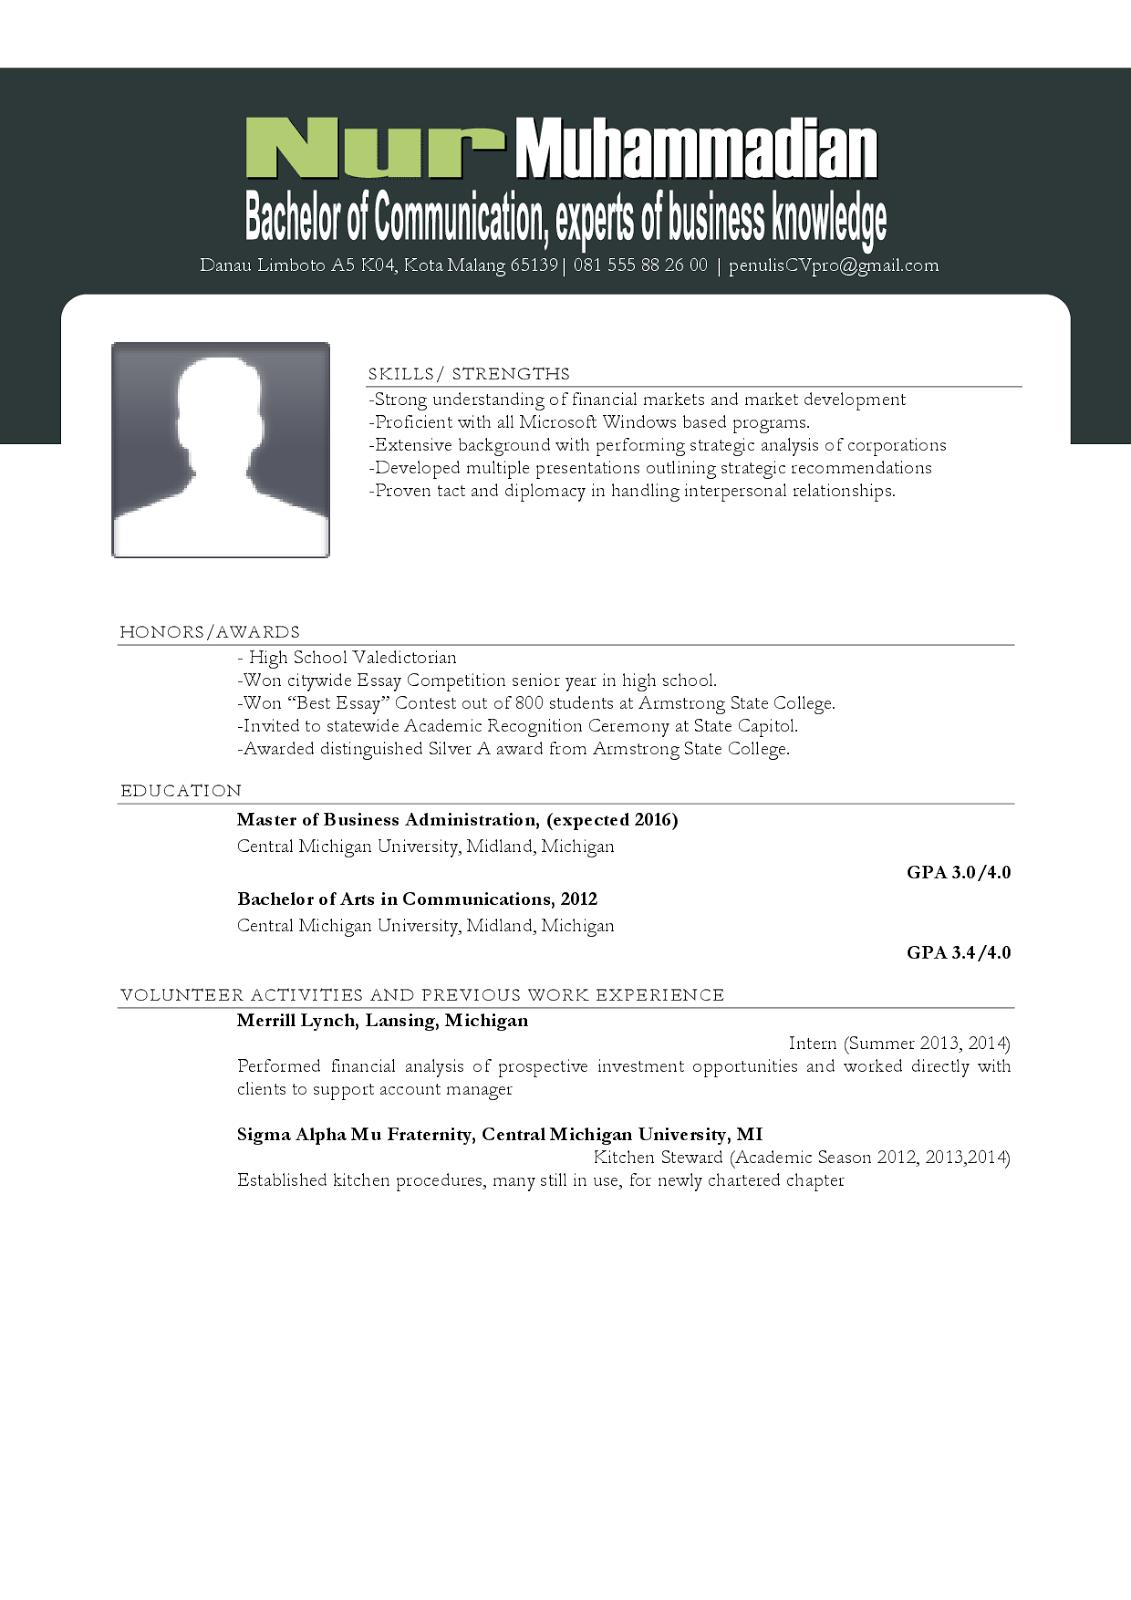 Cover Letter Sample For Job Application Fresh Graduate